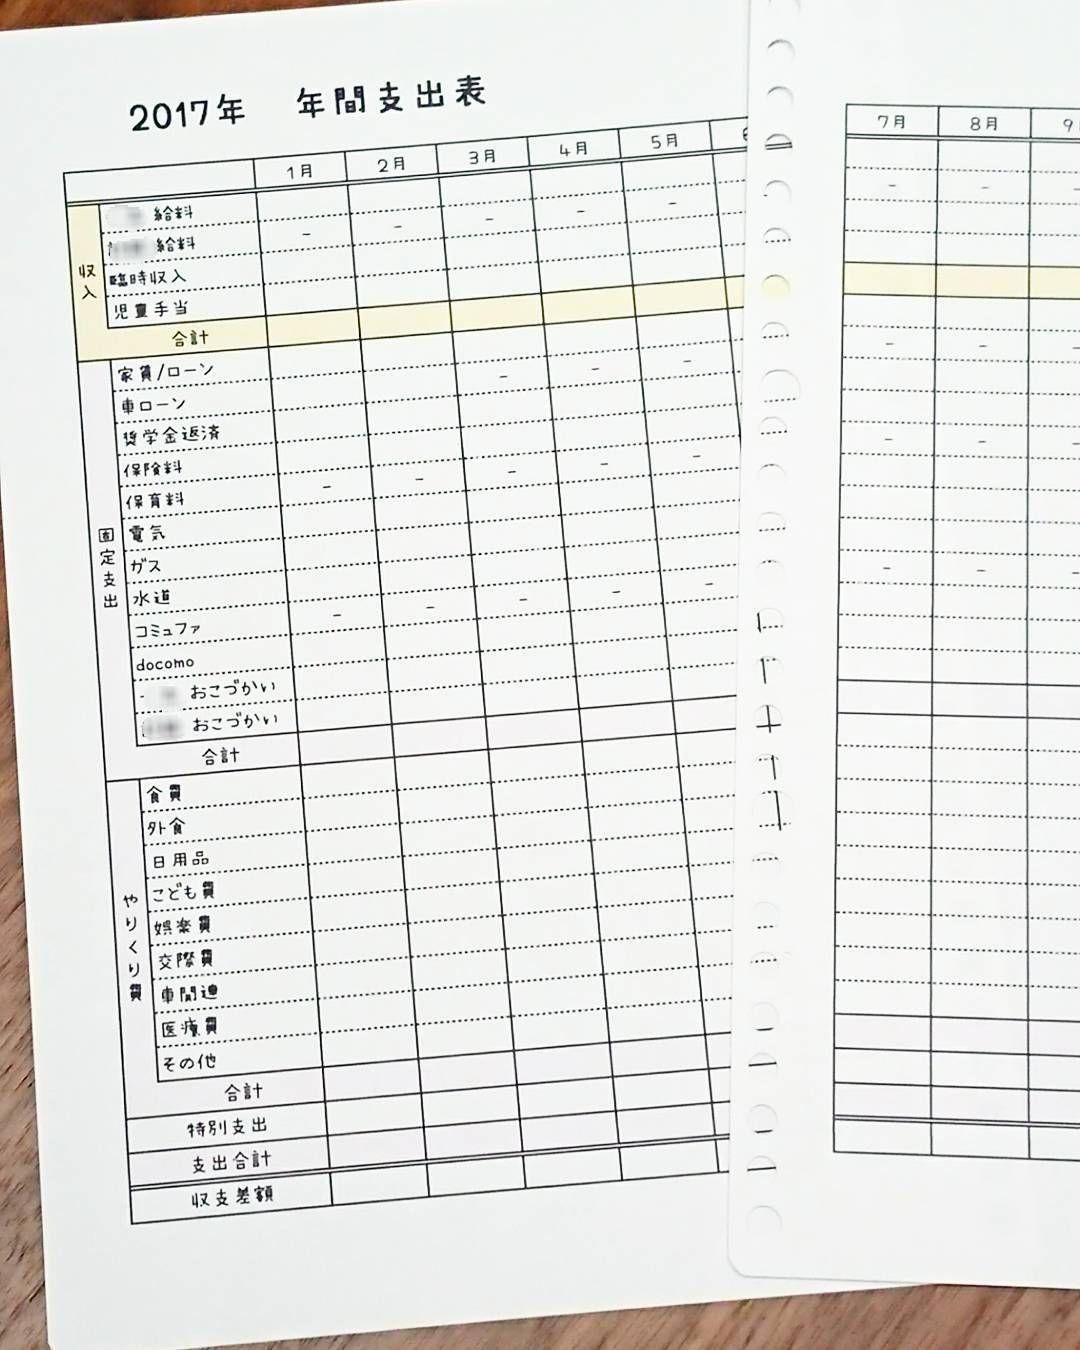 またまた久しぶりの投稿です 家計簿ちゃっちゃと作って軌道にのせ